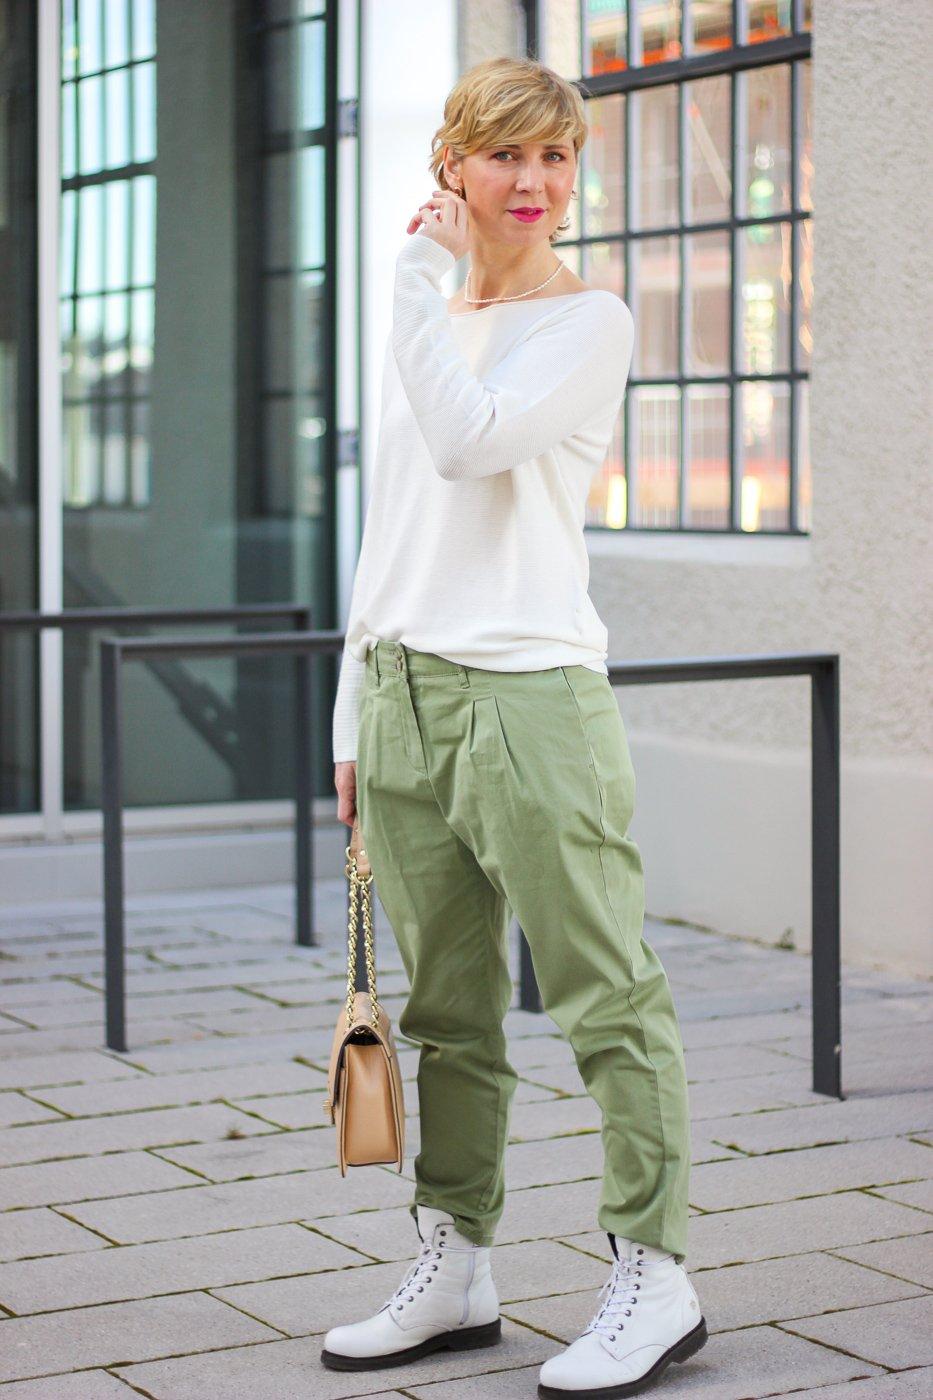 conny doll lifestyle: Frühjahrsmode von TONI-Fashion, grüne Bundfaltenhose und Sommerpullover in weiß, Übergangslook